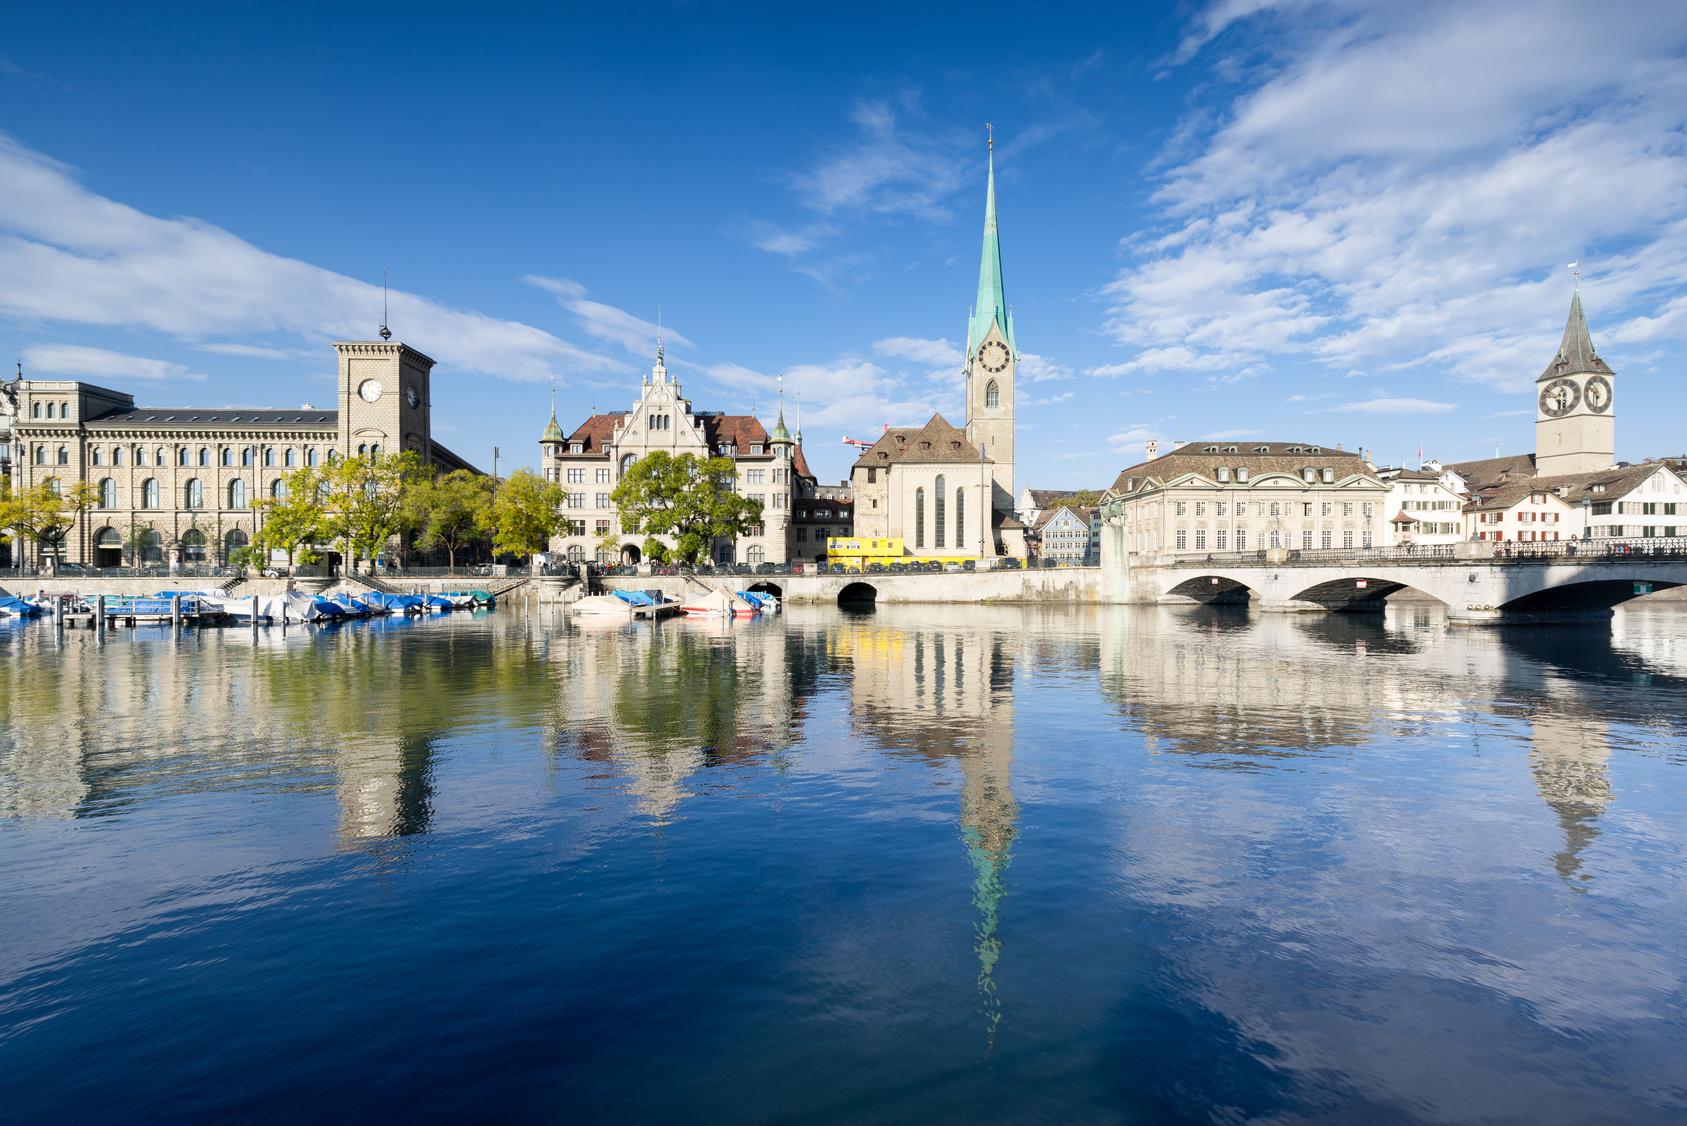 Genießen Sie die Schönheit der Stadt Zürich